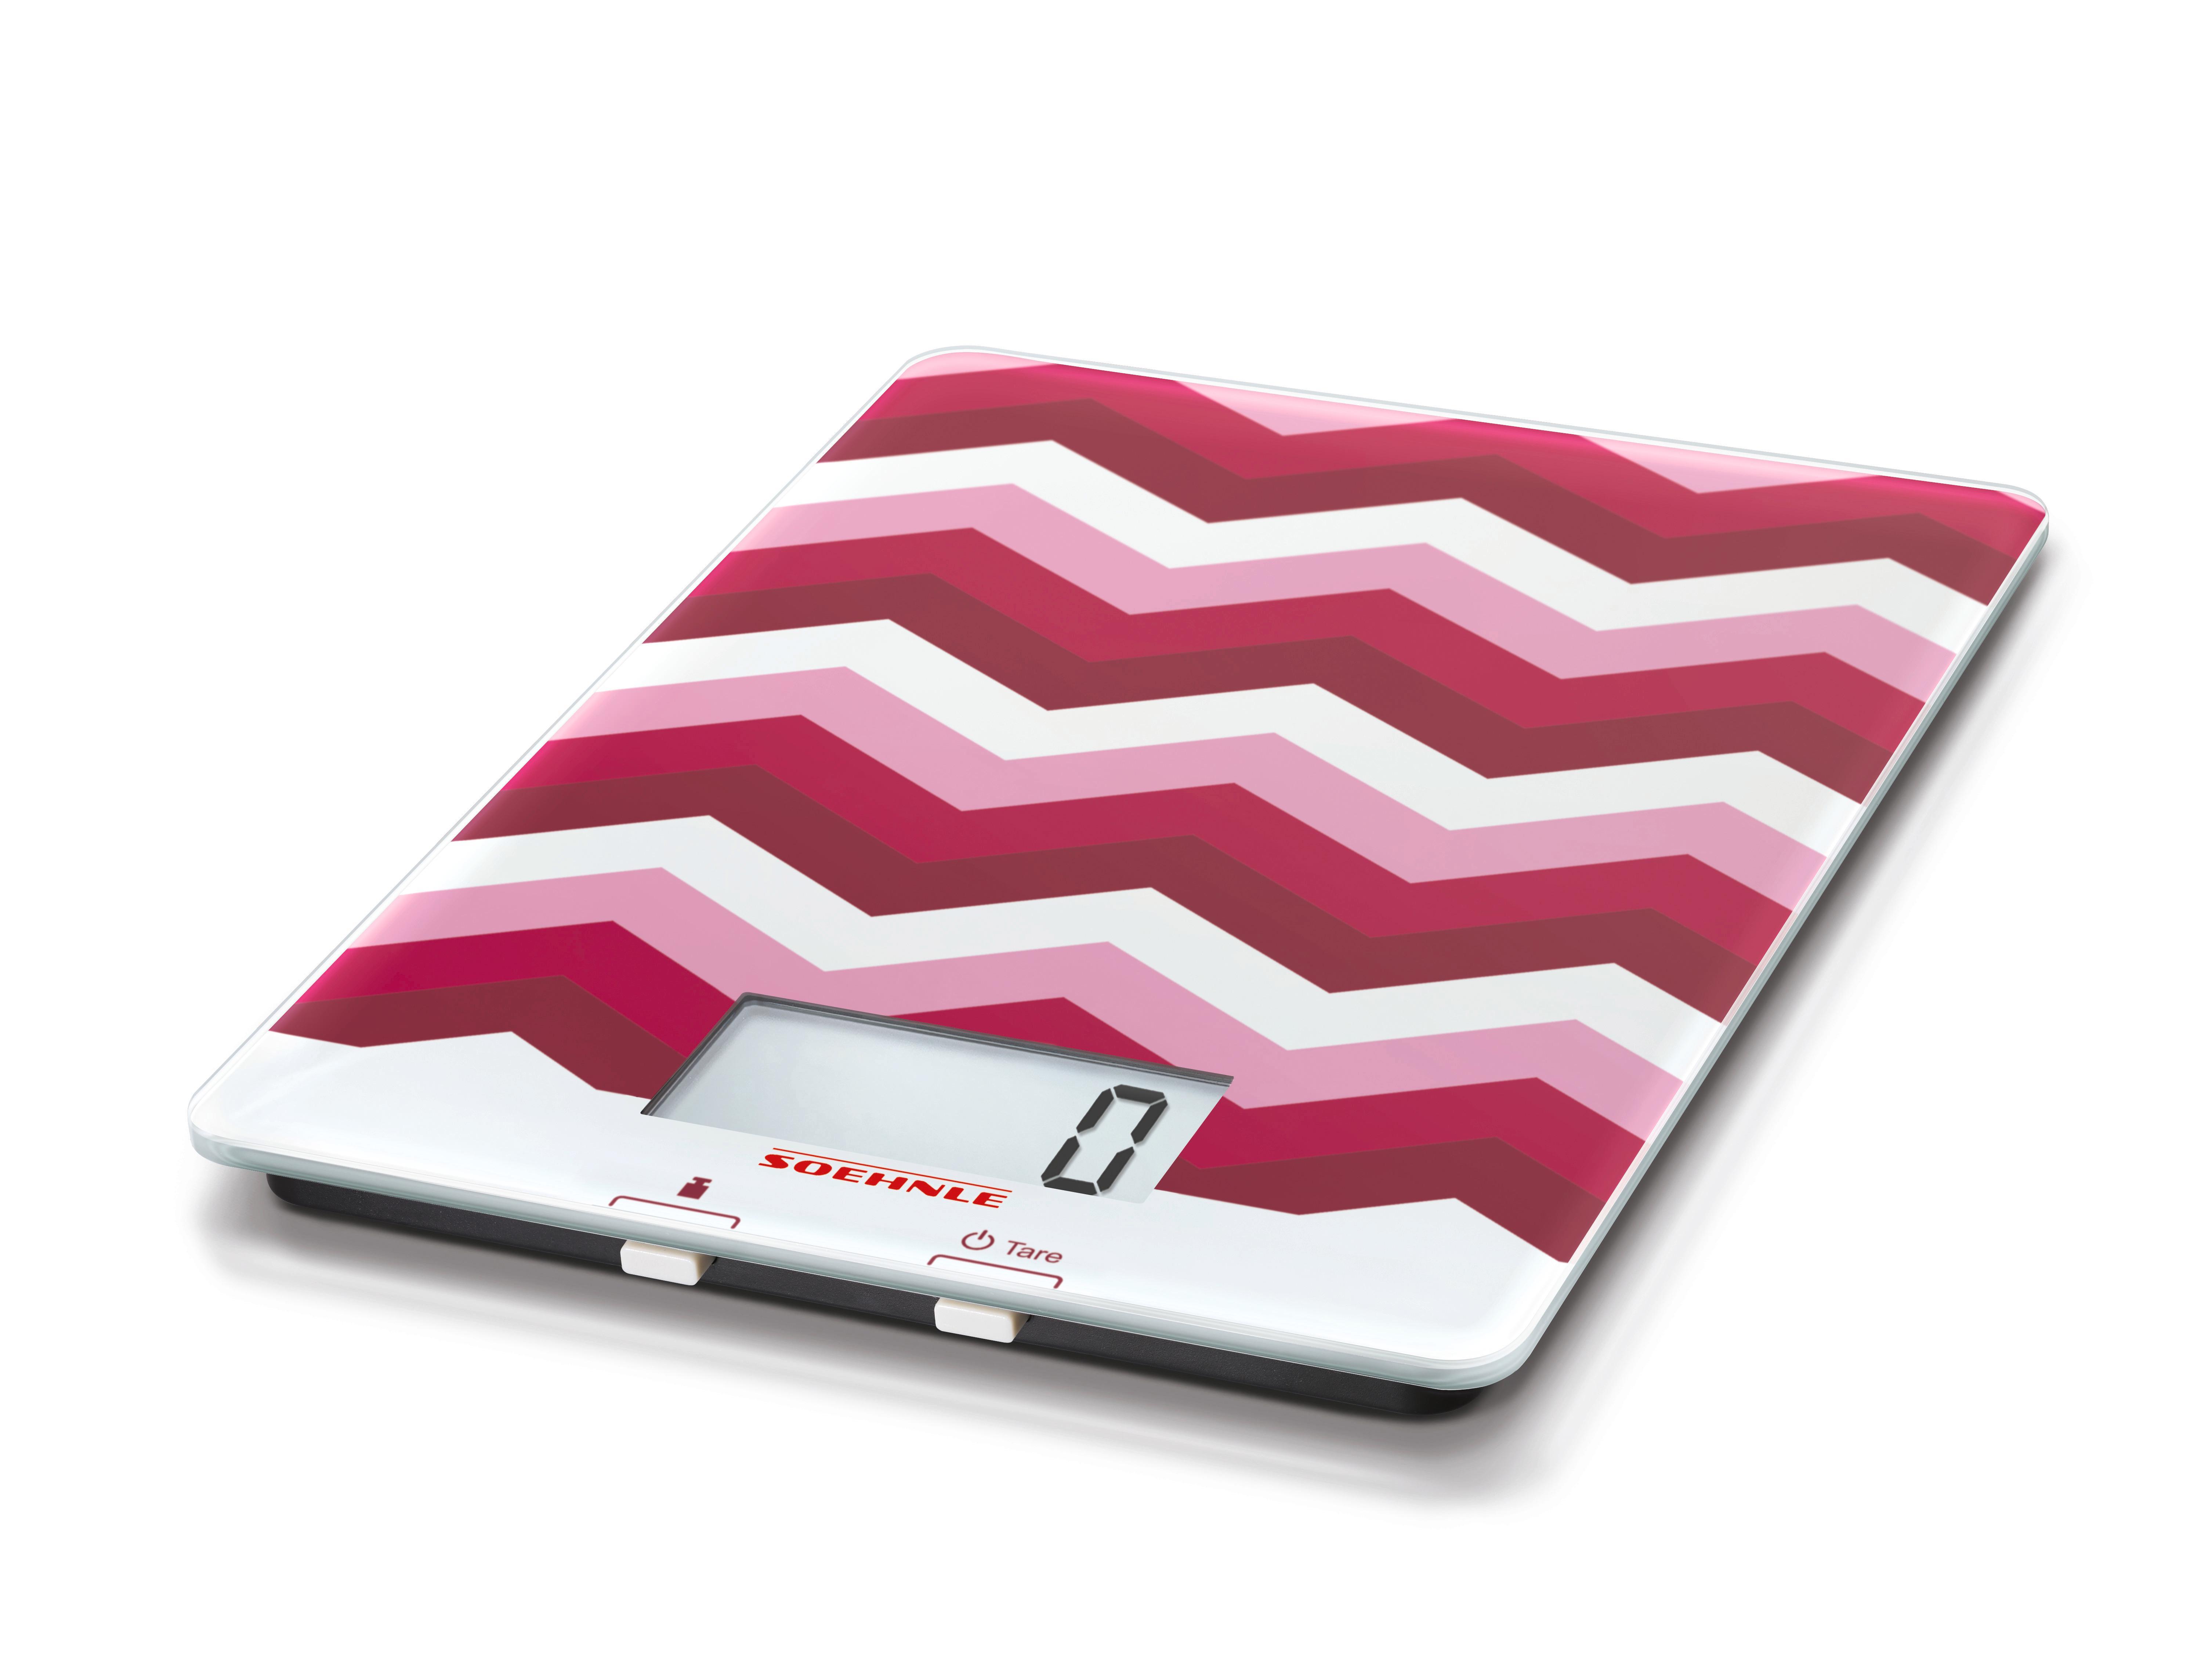 Soehnle 65860 Digitale Küchenwaage Purista Ruby Red: Amazon.de ...